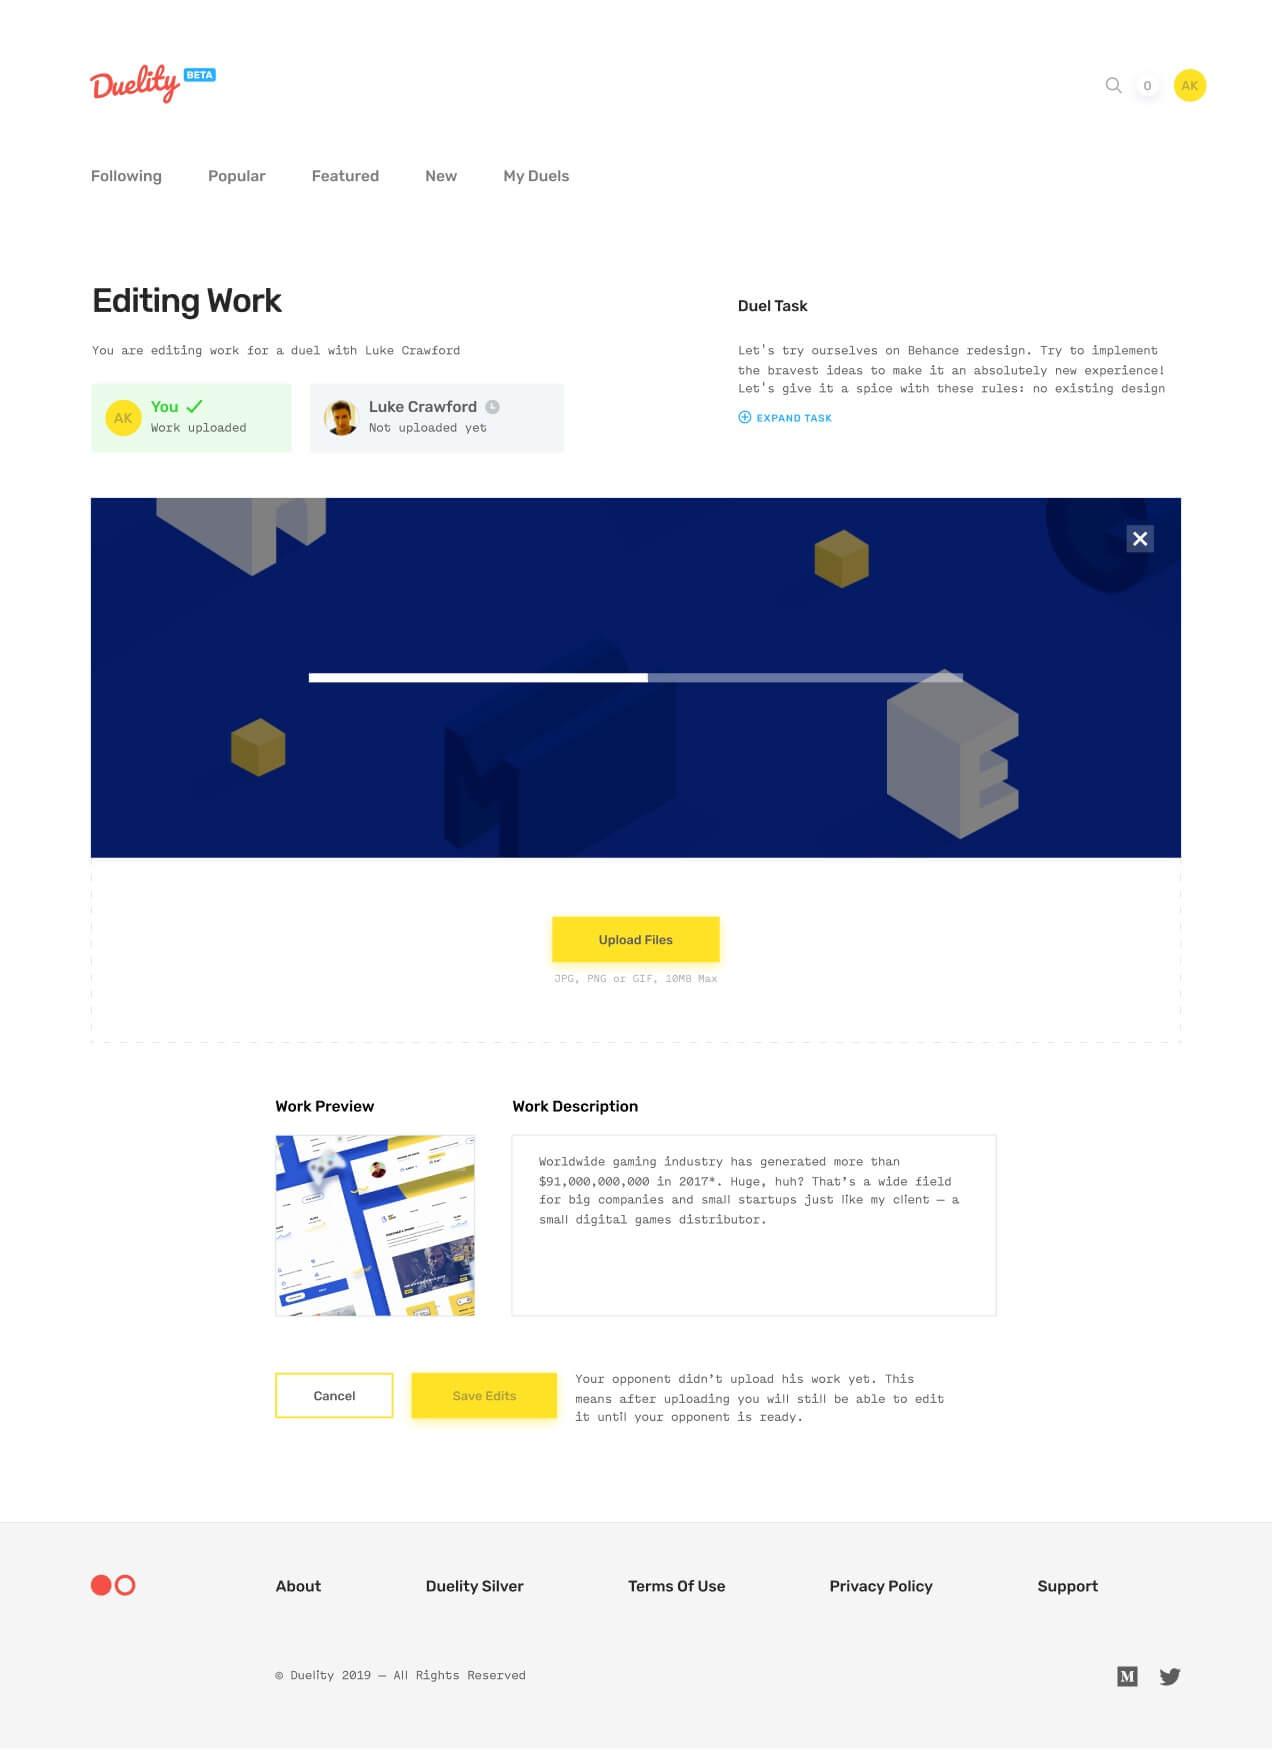 Uploading work